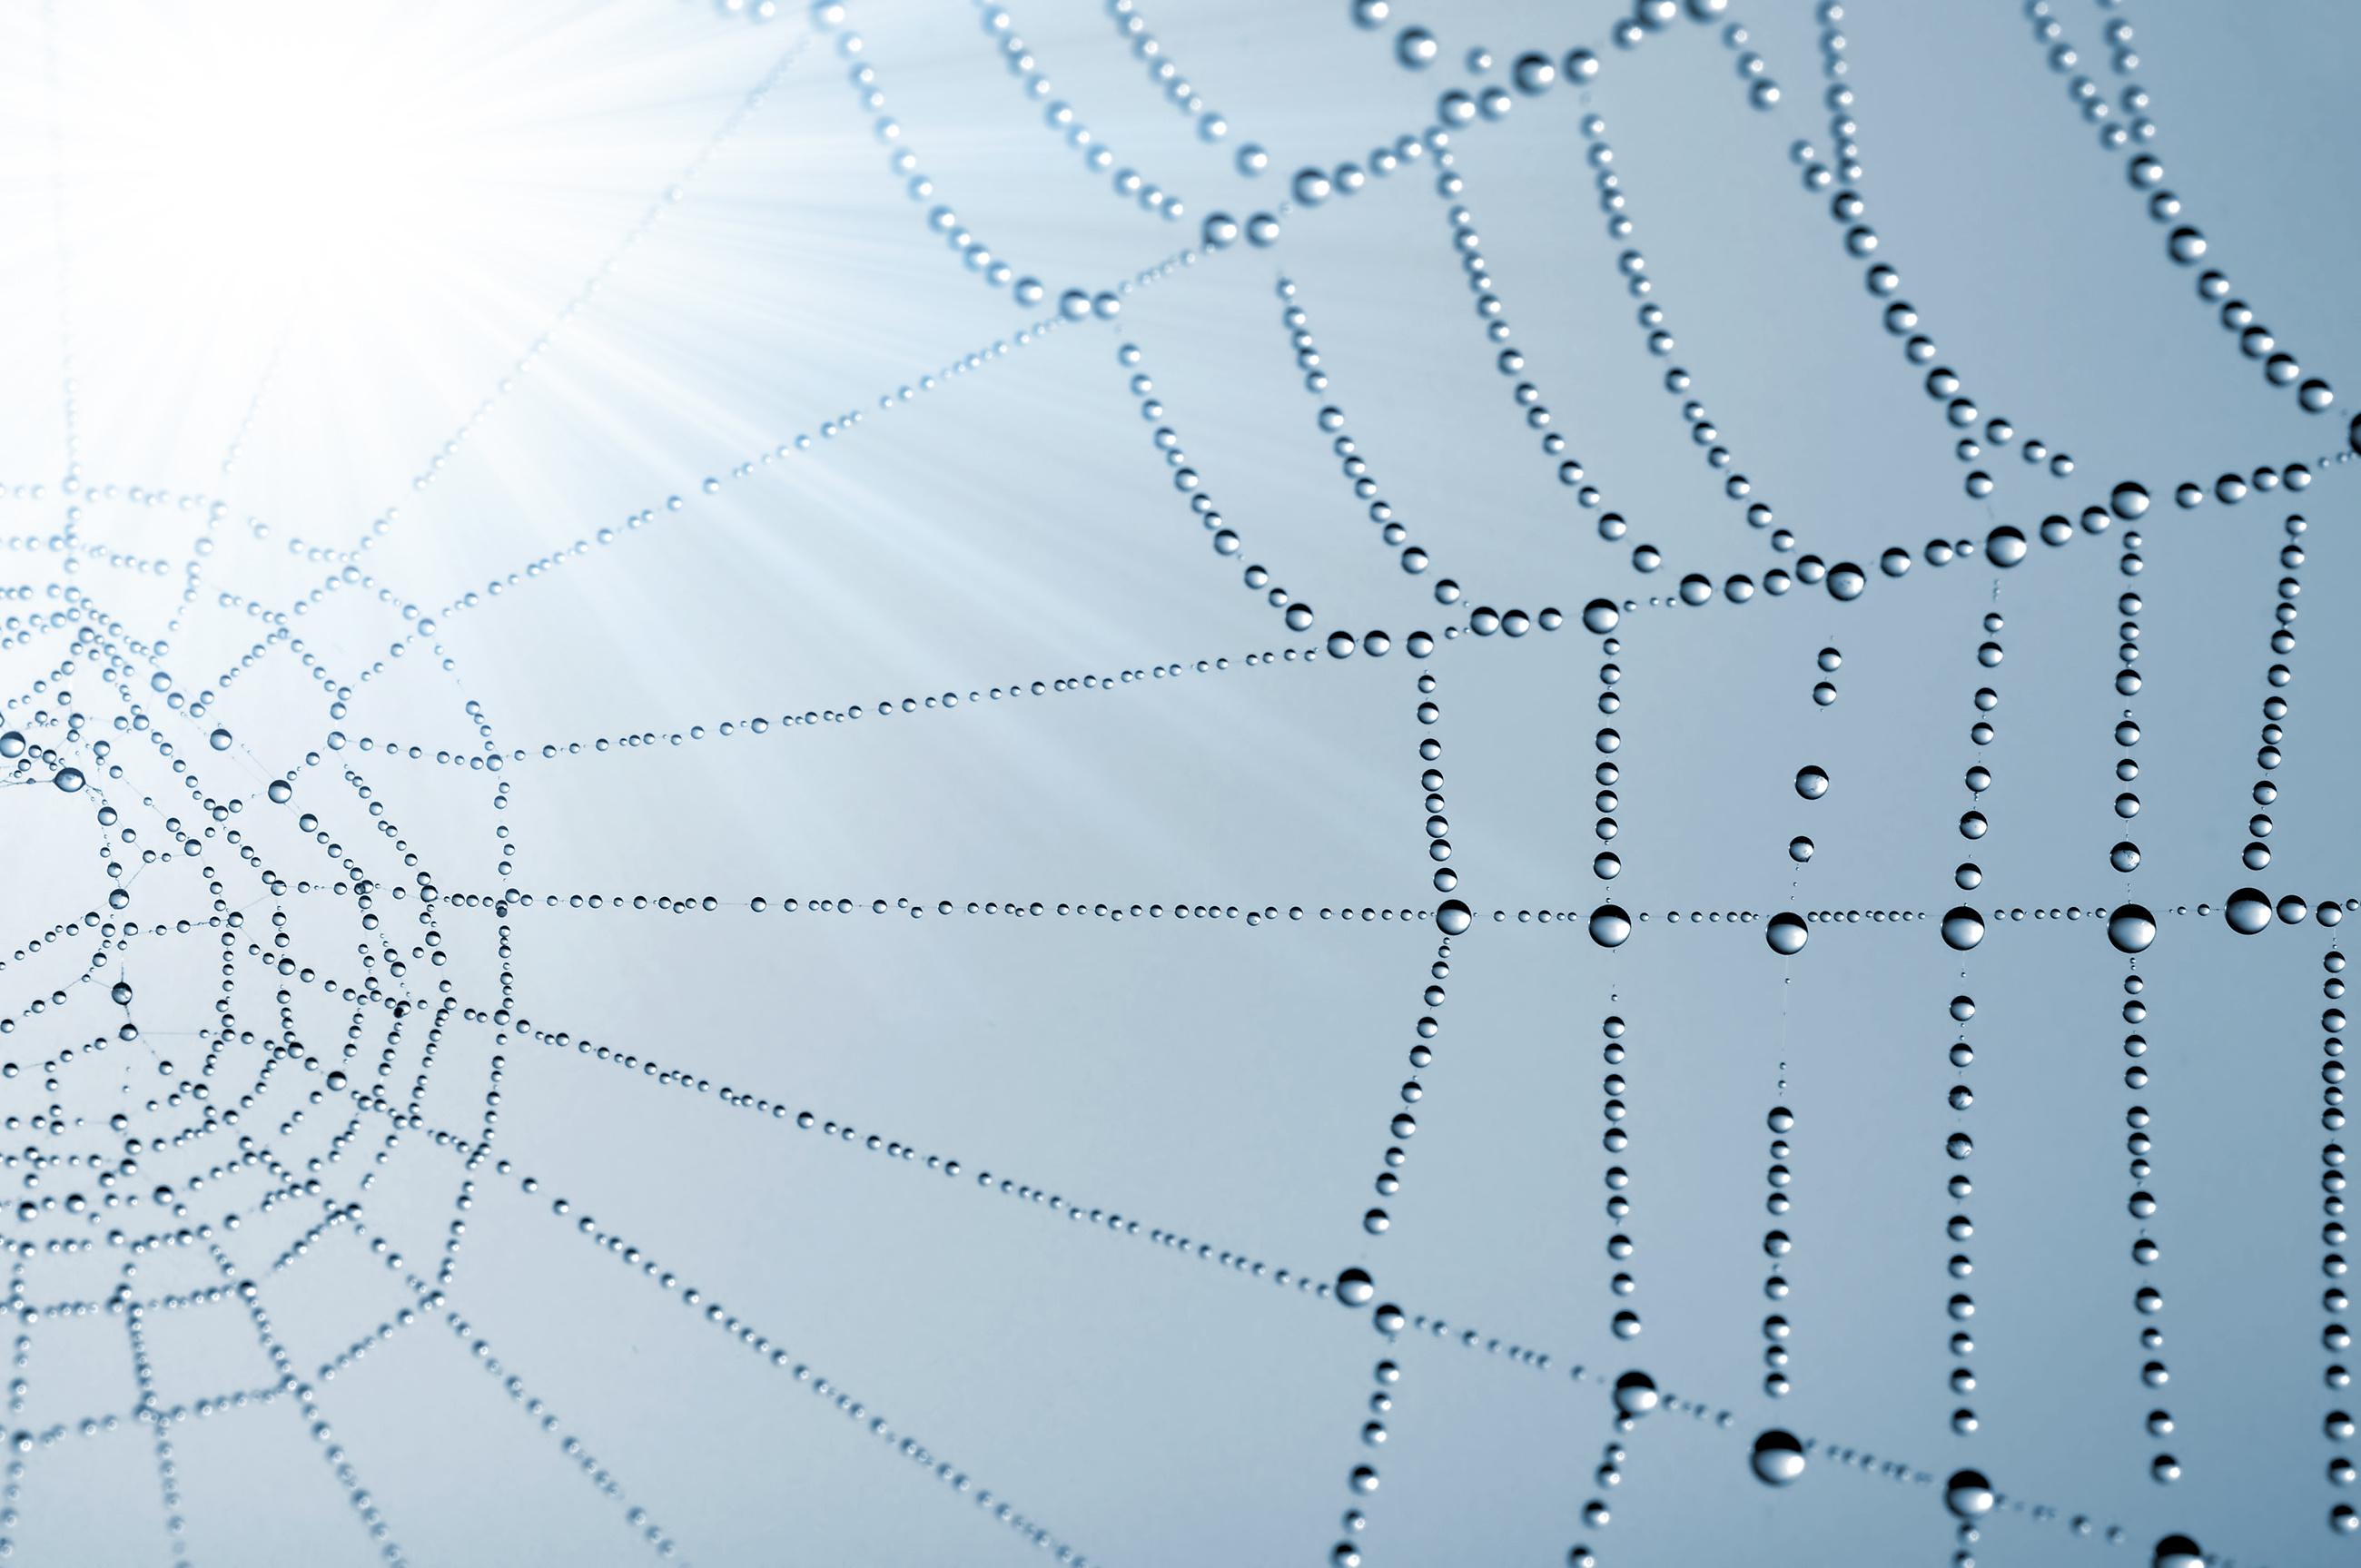 Les protéines de soie d'araignée sont combinées avec différentes nanostructures afin d'optimiser leurs propriétés biomédicales naturelles (Visuel AdobeStock_45555769).